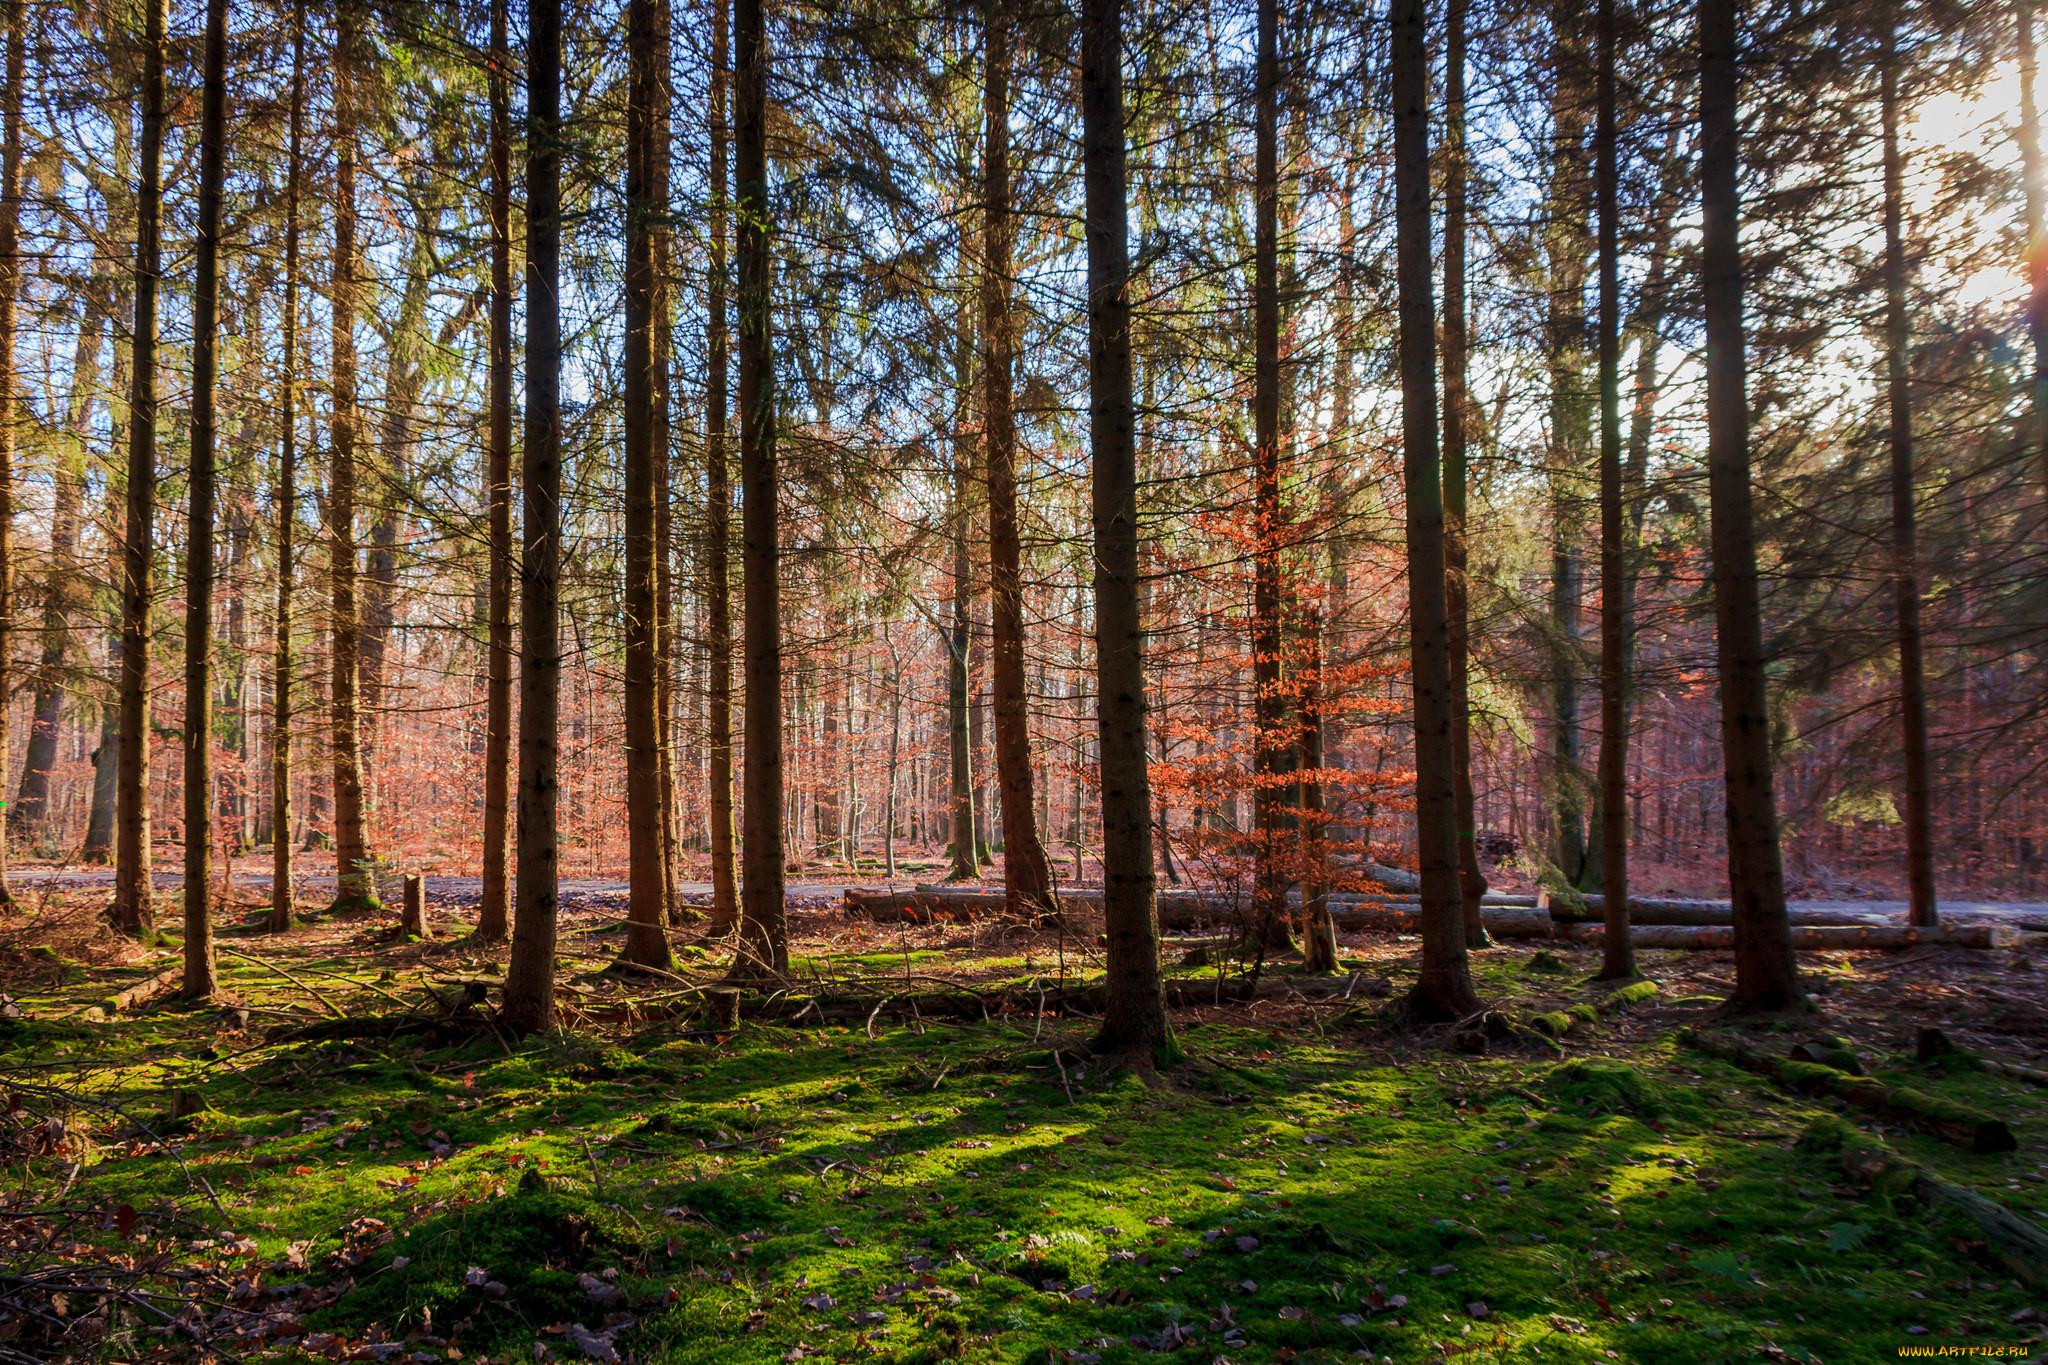 картинки лесные просторы один популярный